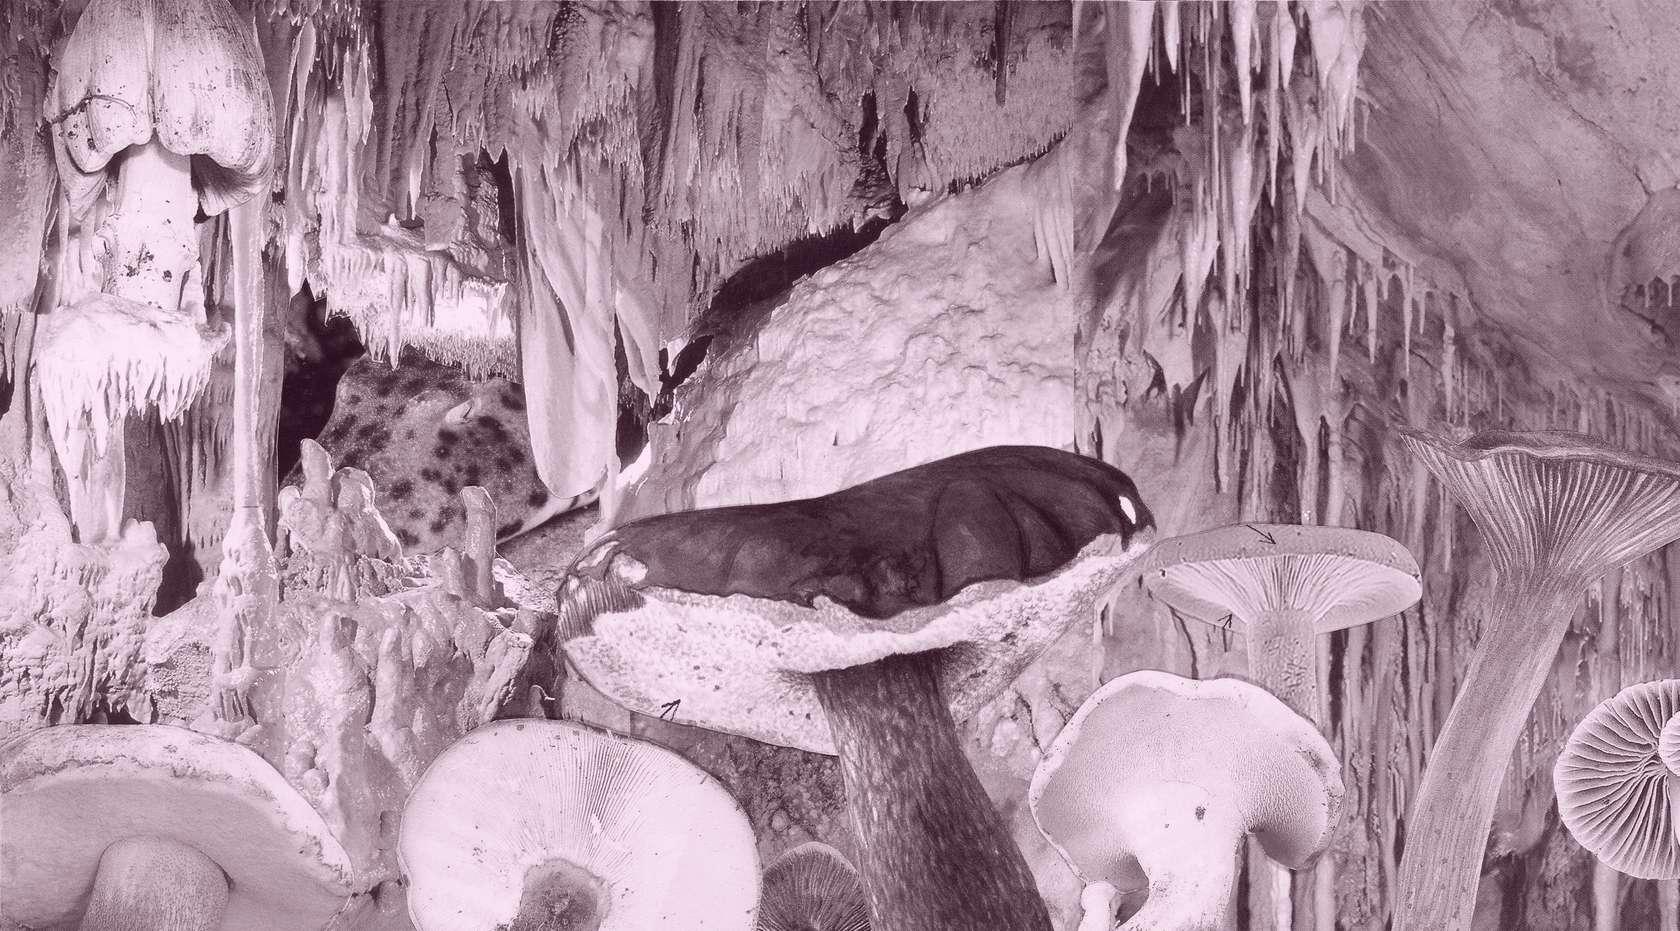 Laurent Le Deunff, Requin des Bois III, 2015 Tirage pigmentaire sur papier Hahnemühle110 x 198 cm / 43 2/8 x 78  inches